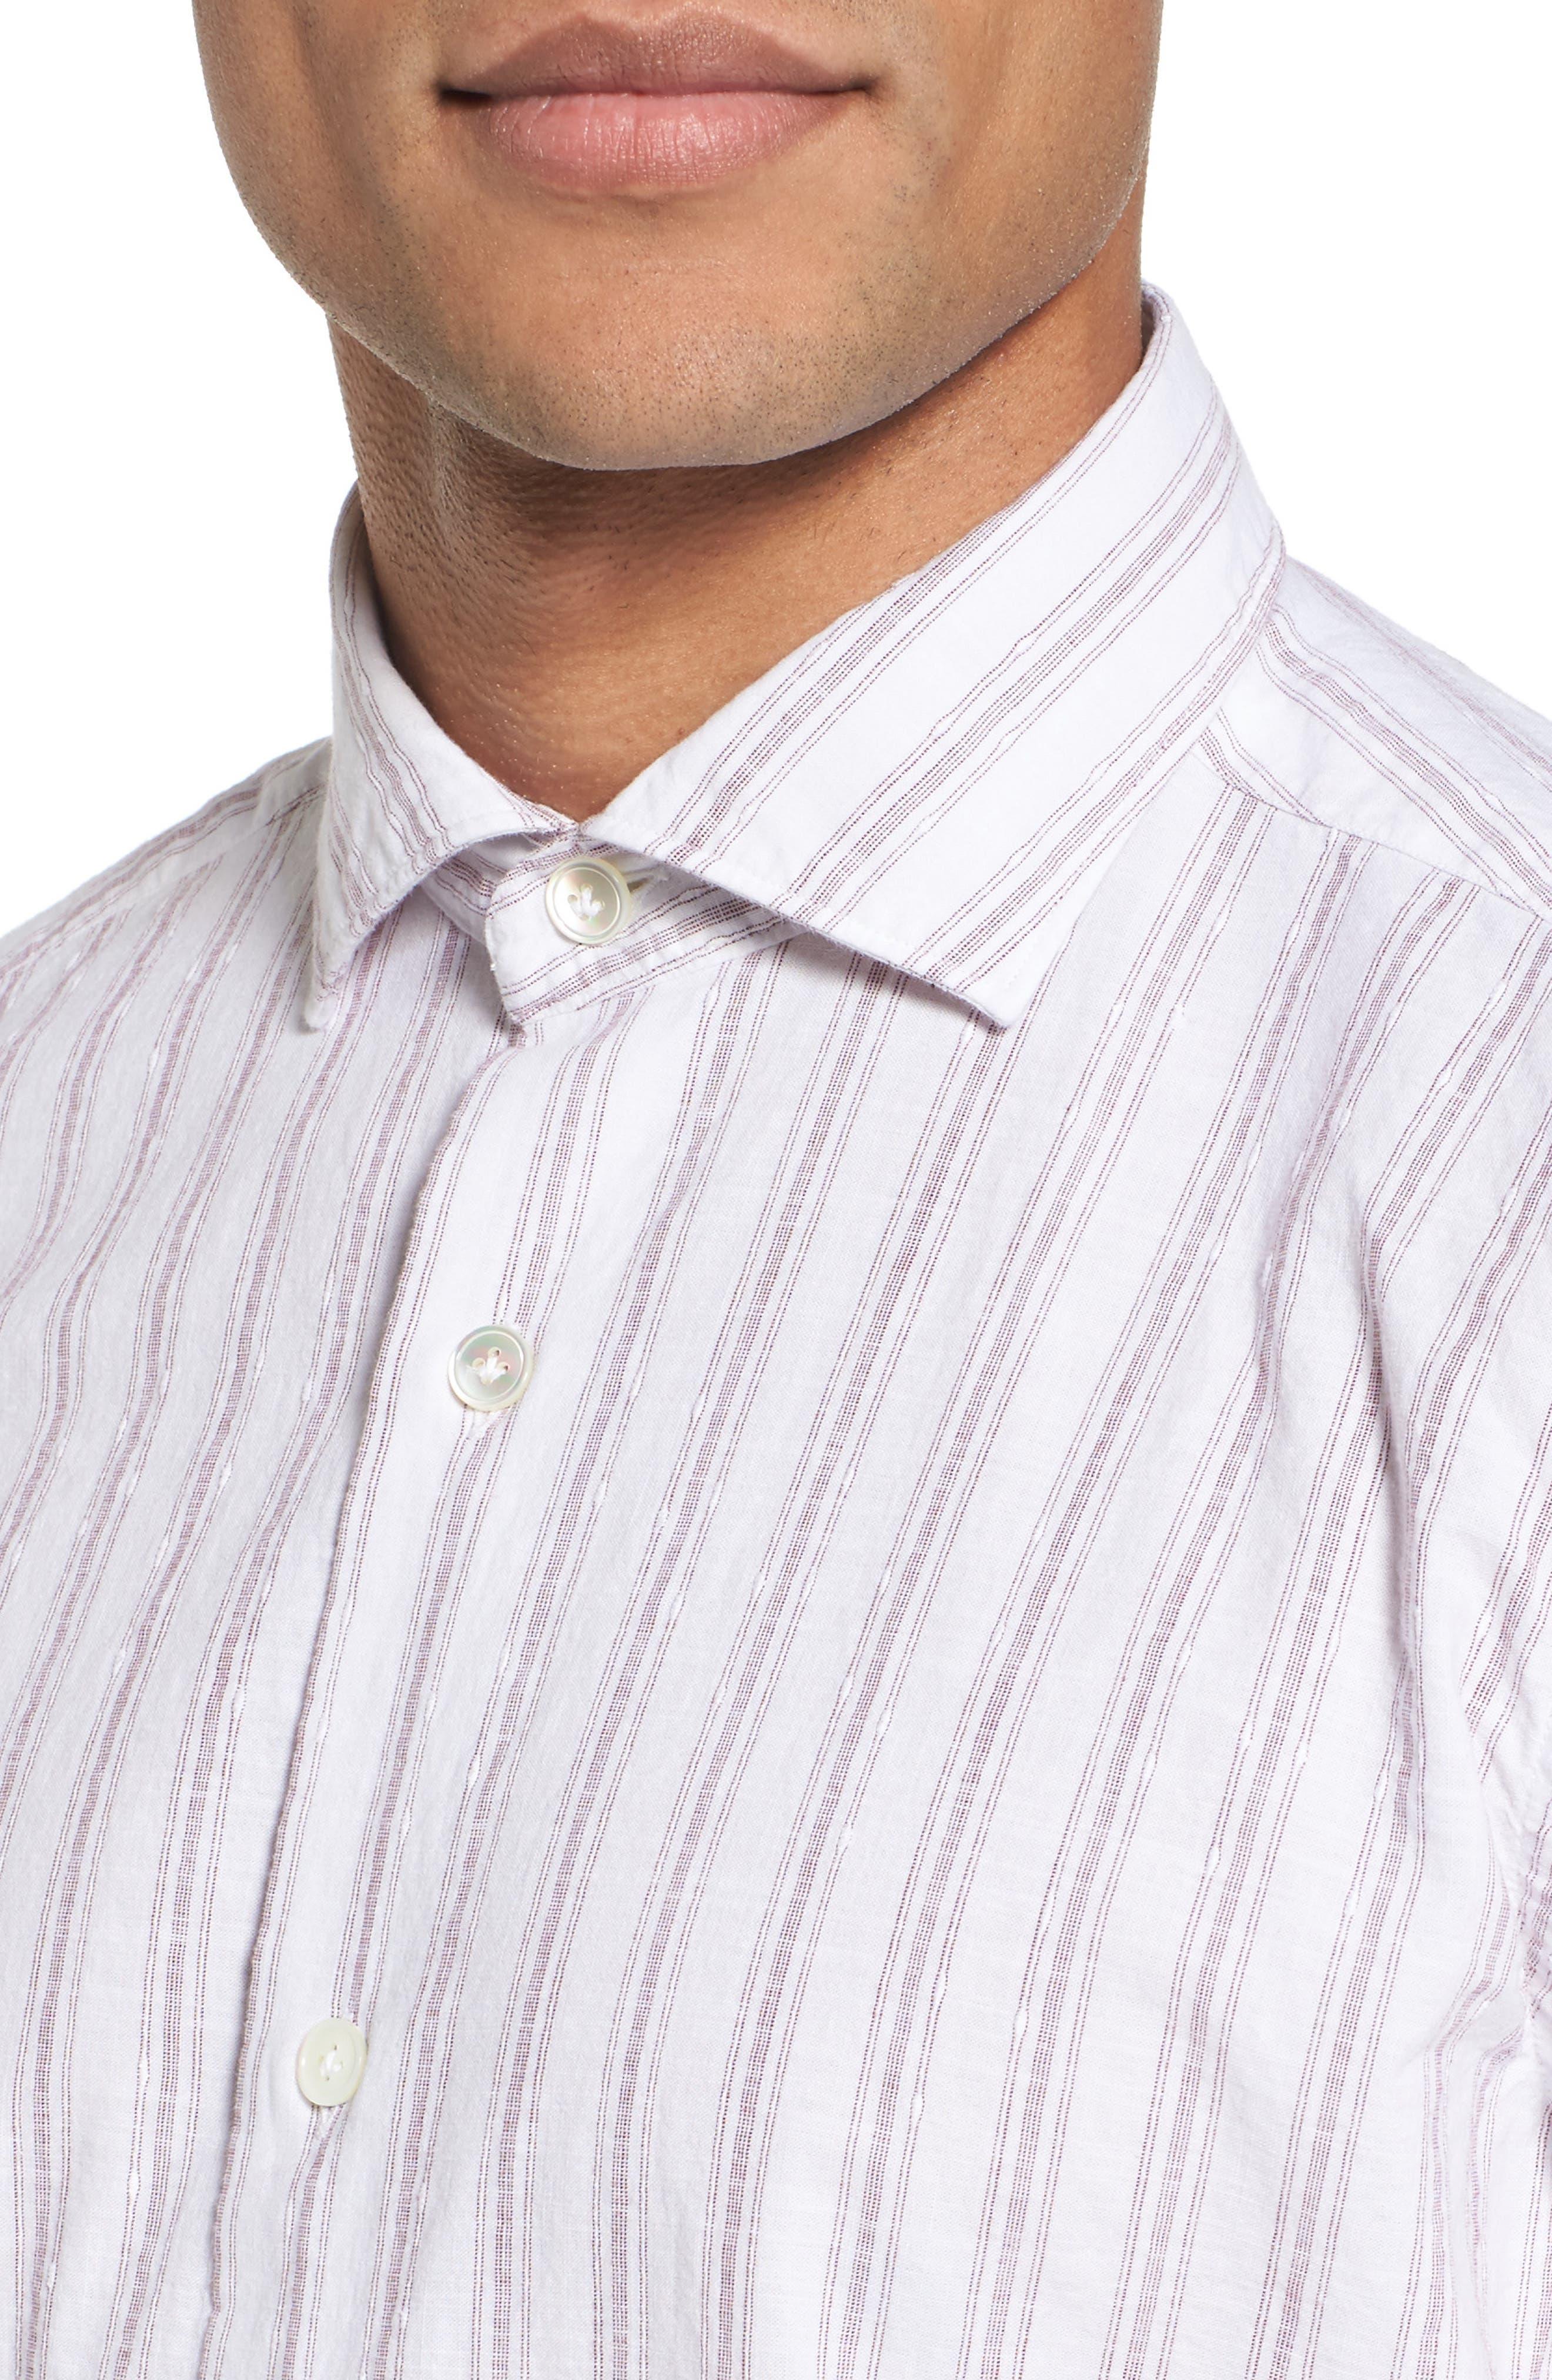 John T Slim Fit Sport Shirt,                             Alternate thumbnail 3, color,                             Blue/ Nat